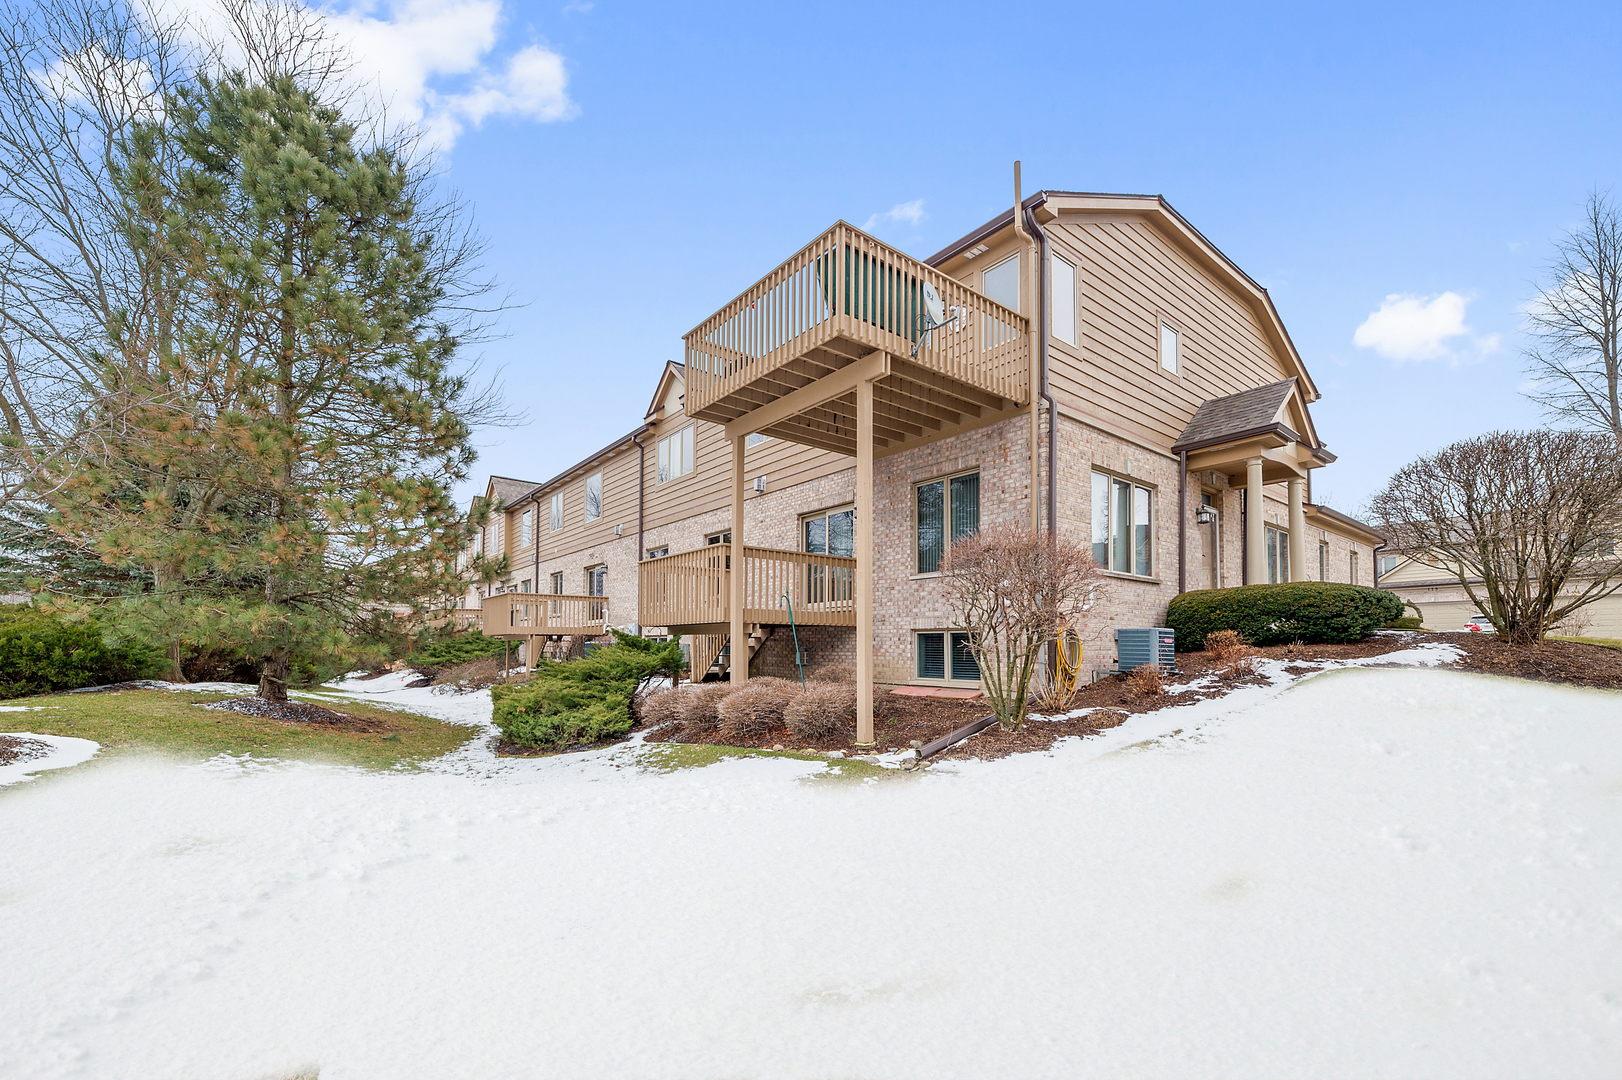 174 Santa Fe, Willow Springs, Illinois, 60480